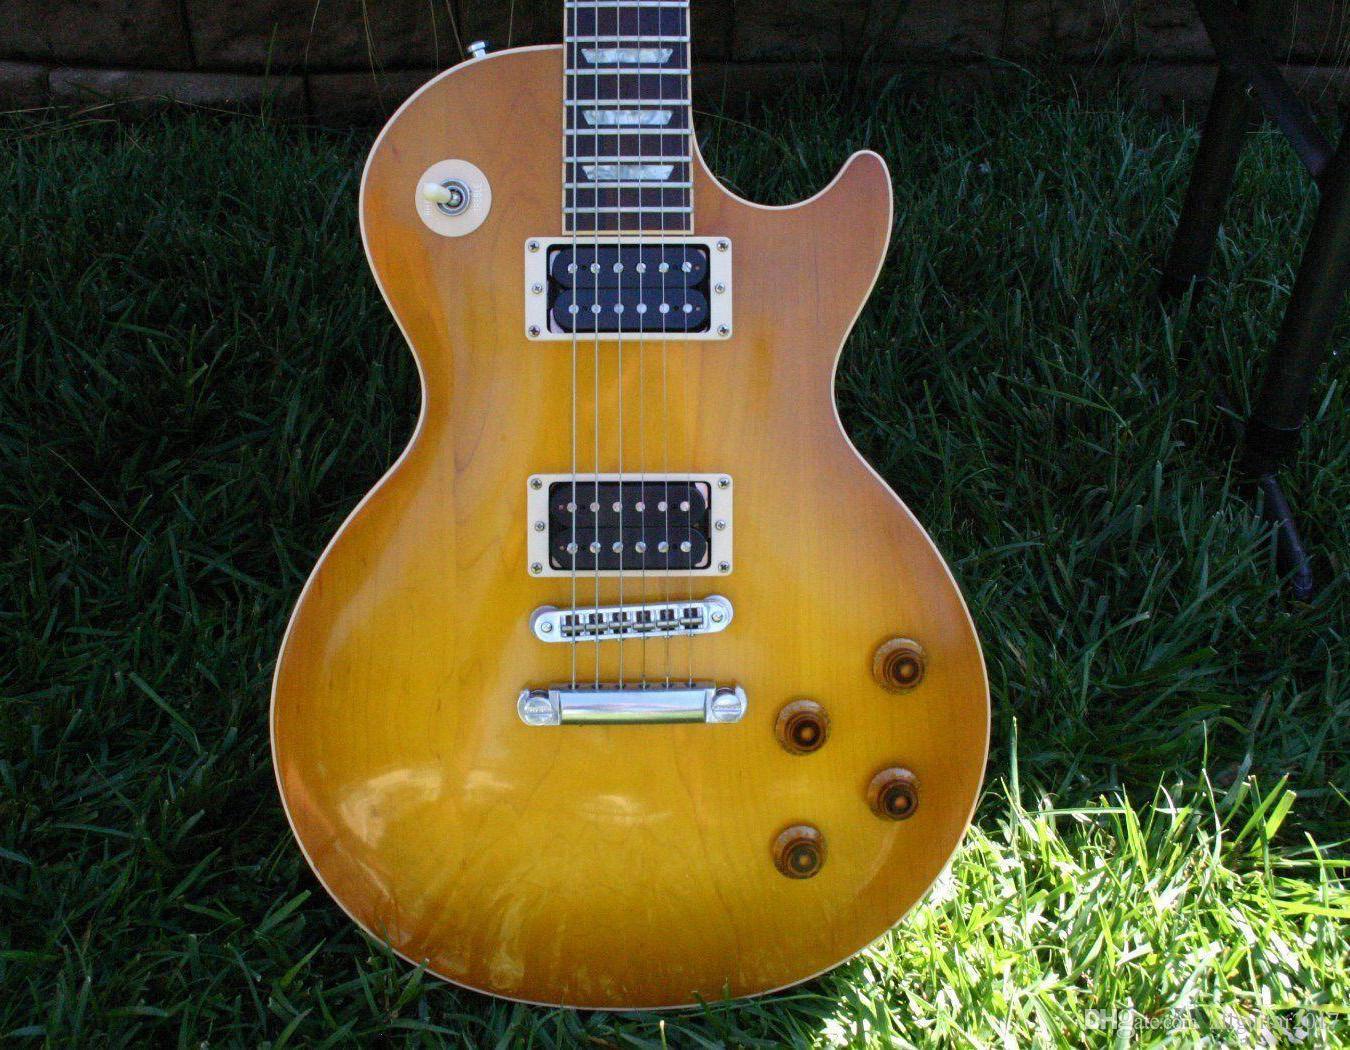 Rare Slash Guitarra Sólida Corpo de Bordo Mel Burst Vos Chinês Guitarra Elétrica China Guitarras